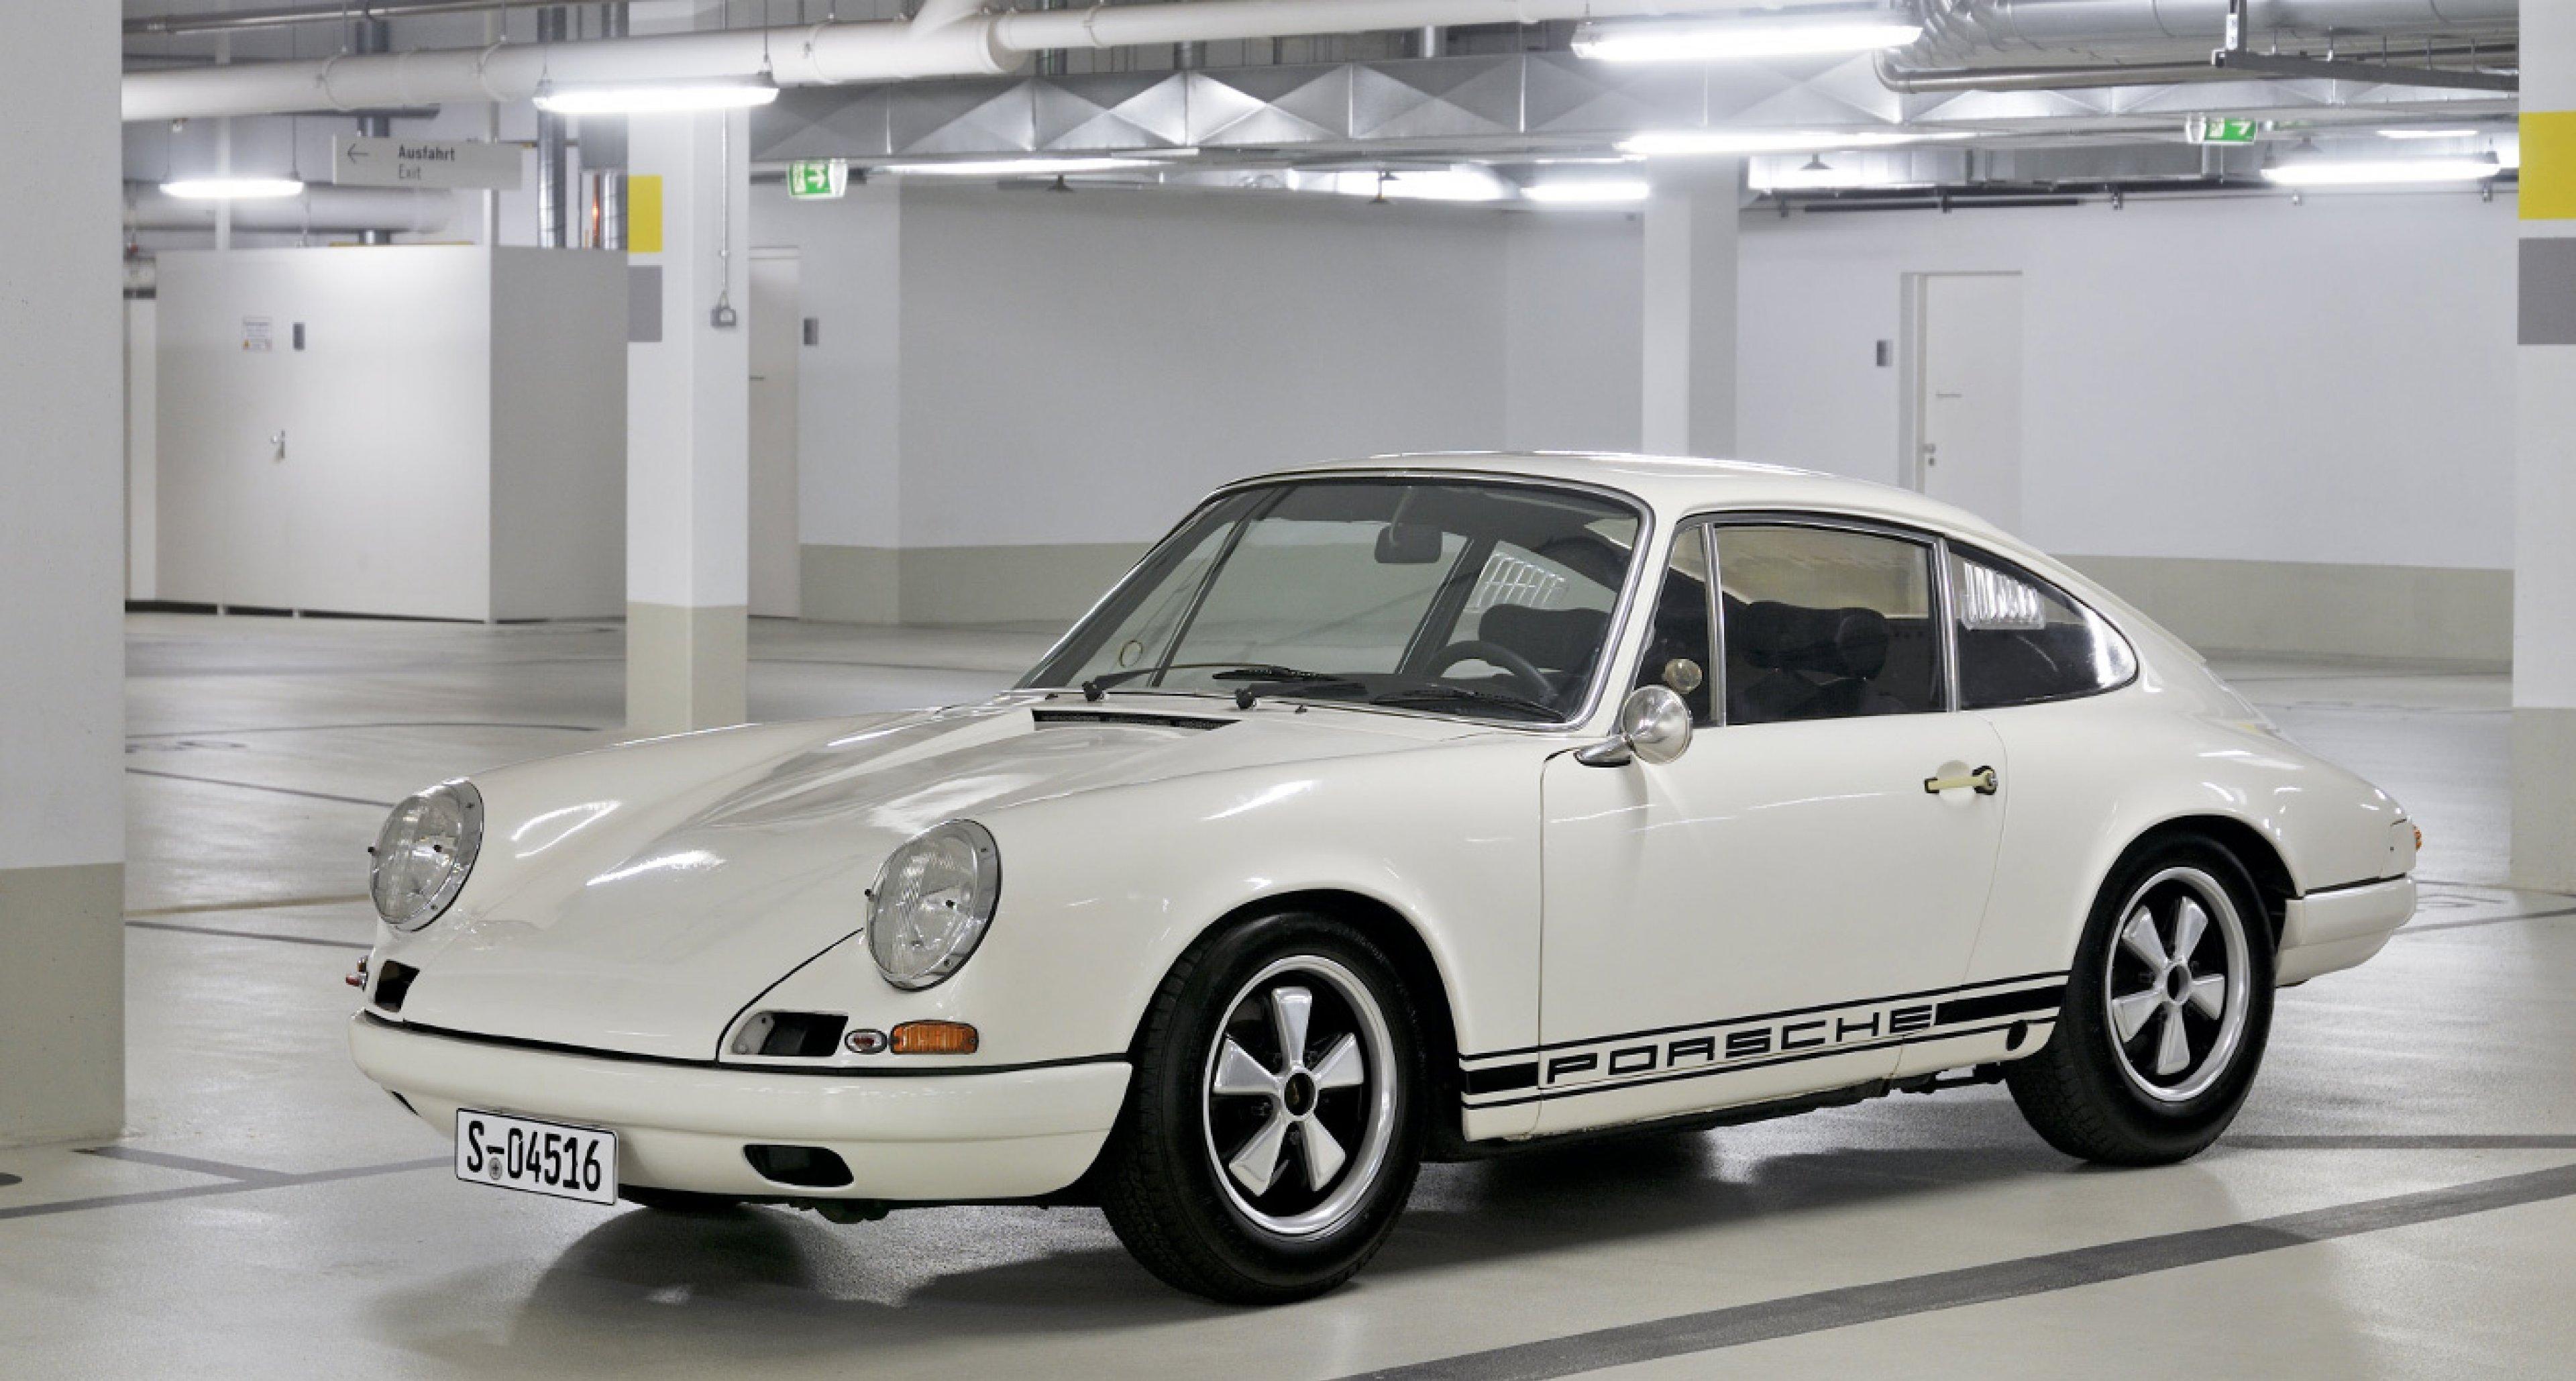 Ferdinand Piëch's ground-breaking 1967 Porsche 911 R is still the